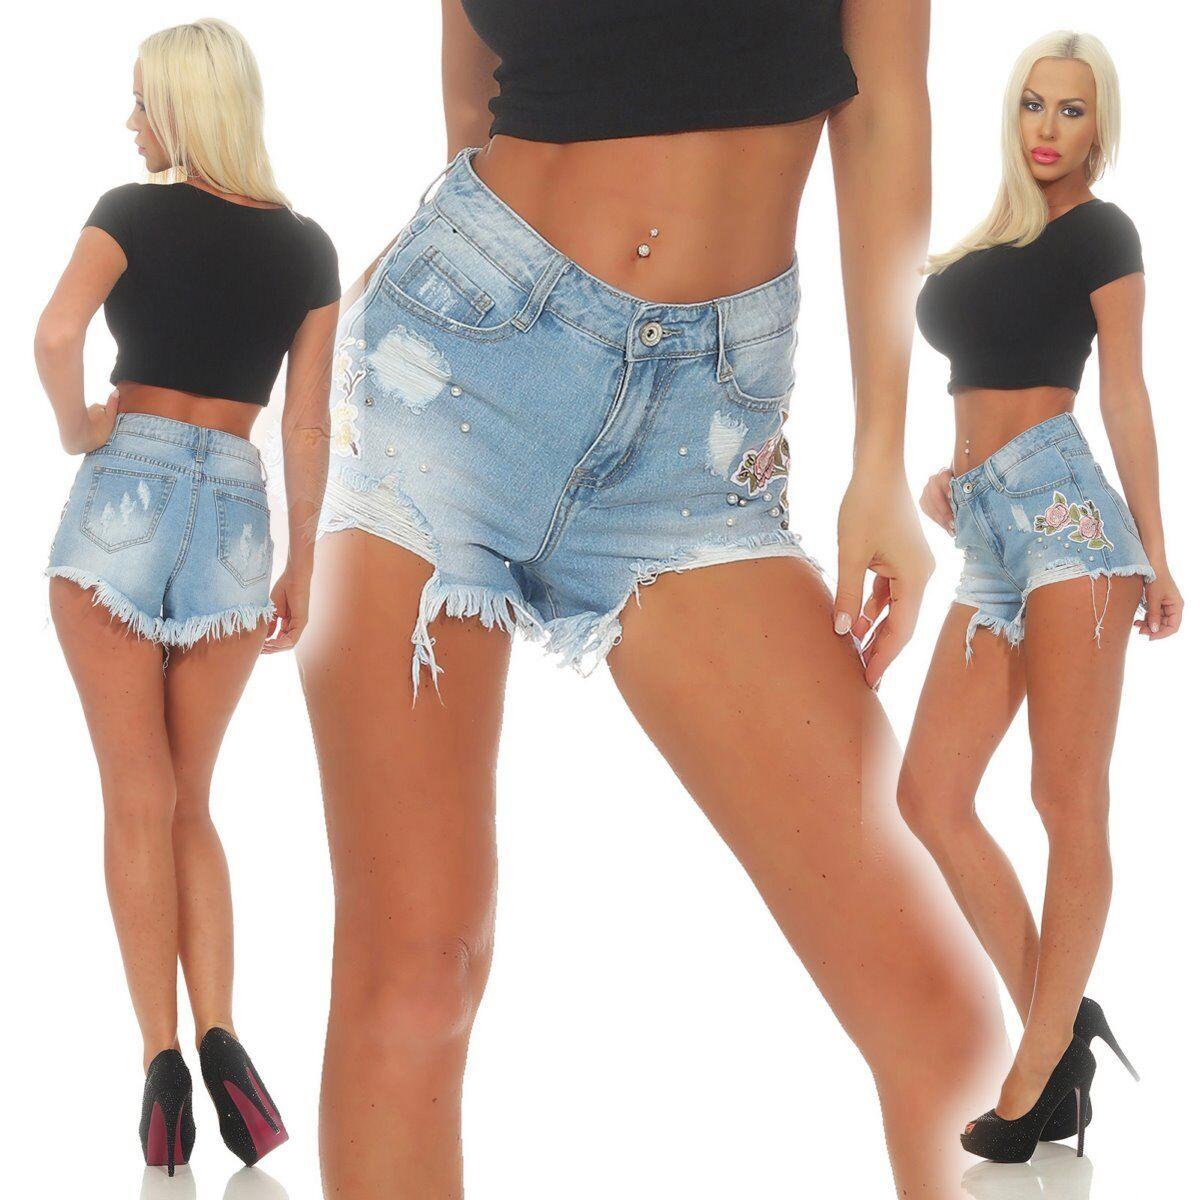 5637 Damen Jeans Hotpants Denim Shorts kurze Hose Hot Pants Rosen Fransen Perlen